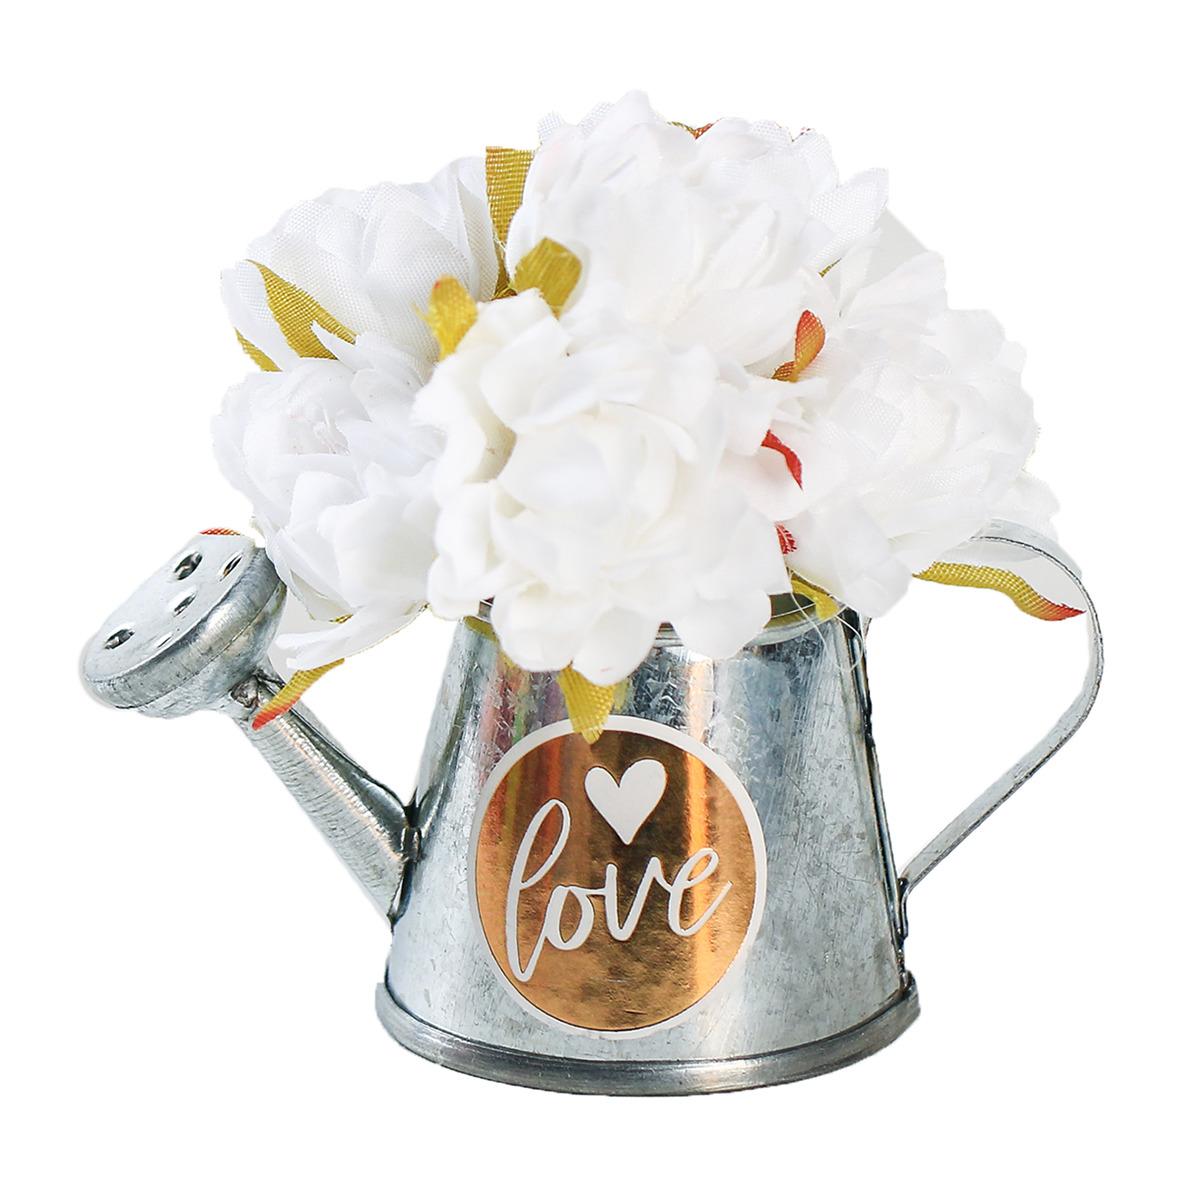 Цветочный комплимент Арт Узор Тебе от всей души, 3909437, белый маркус мария михайловна от всей души с любовью